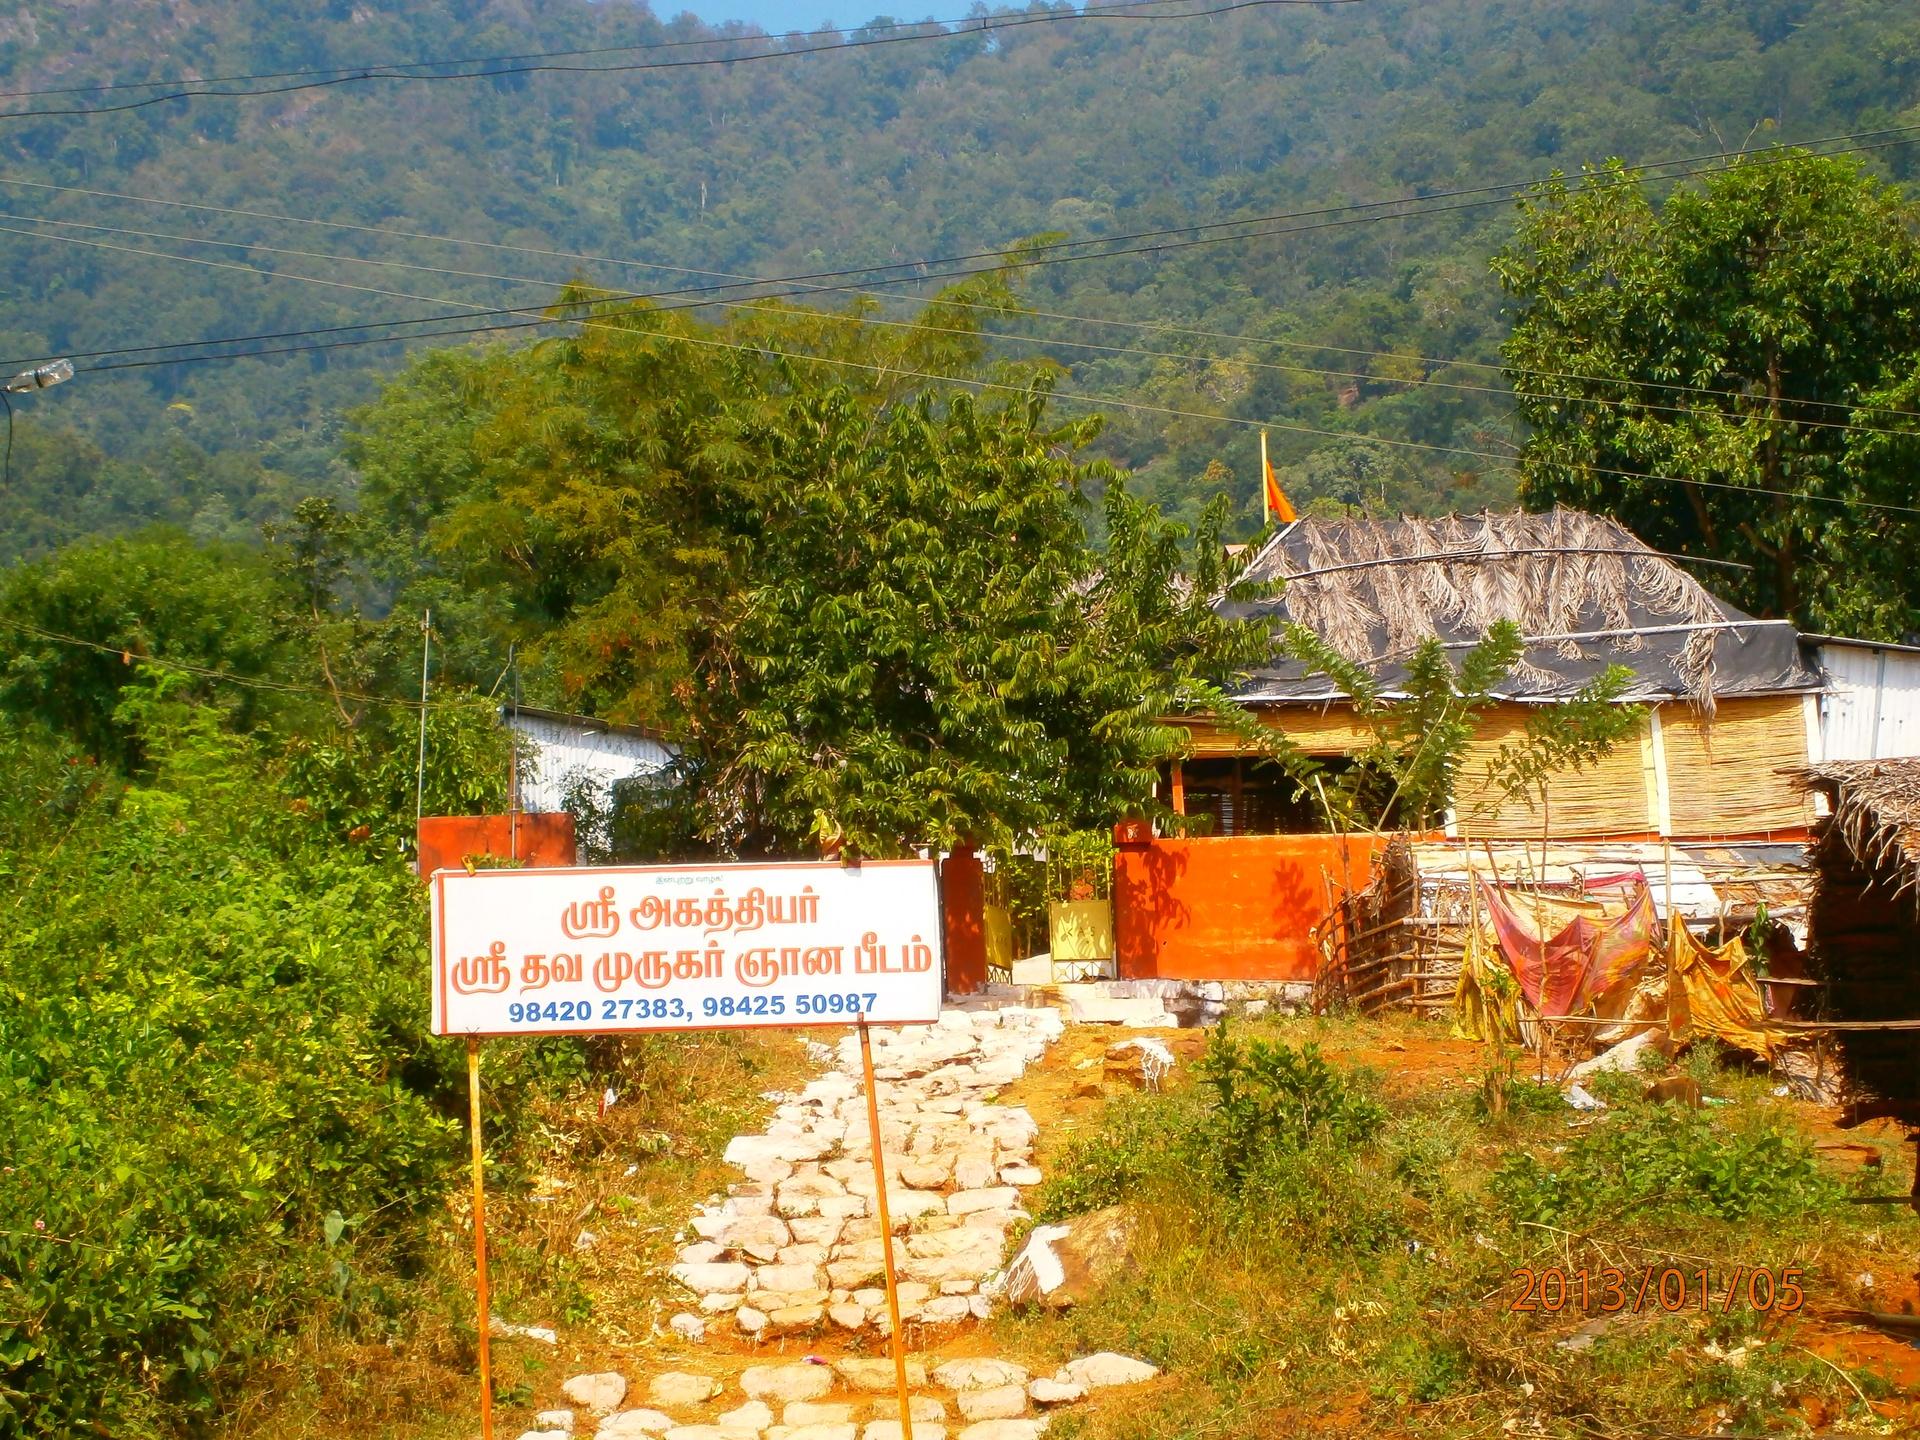 Sri Agathiyar Sri Thava Murugar Gnana Peedham Kallar, 2/264 Agathiyar Nagar, Thuripalam, Kallar - 641 305, Methupalaiyam, , Kovai, , Tamilnadu